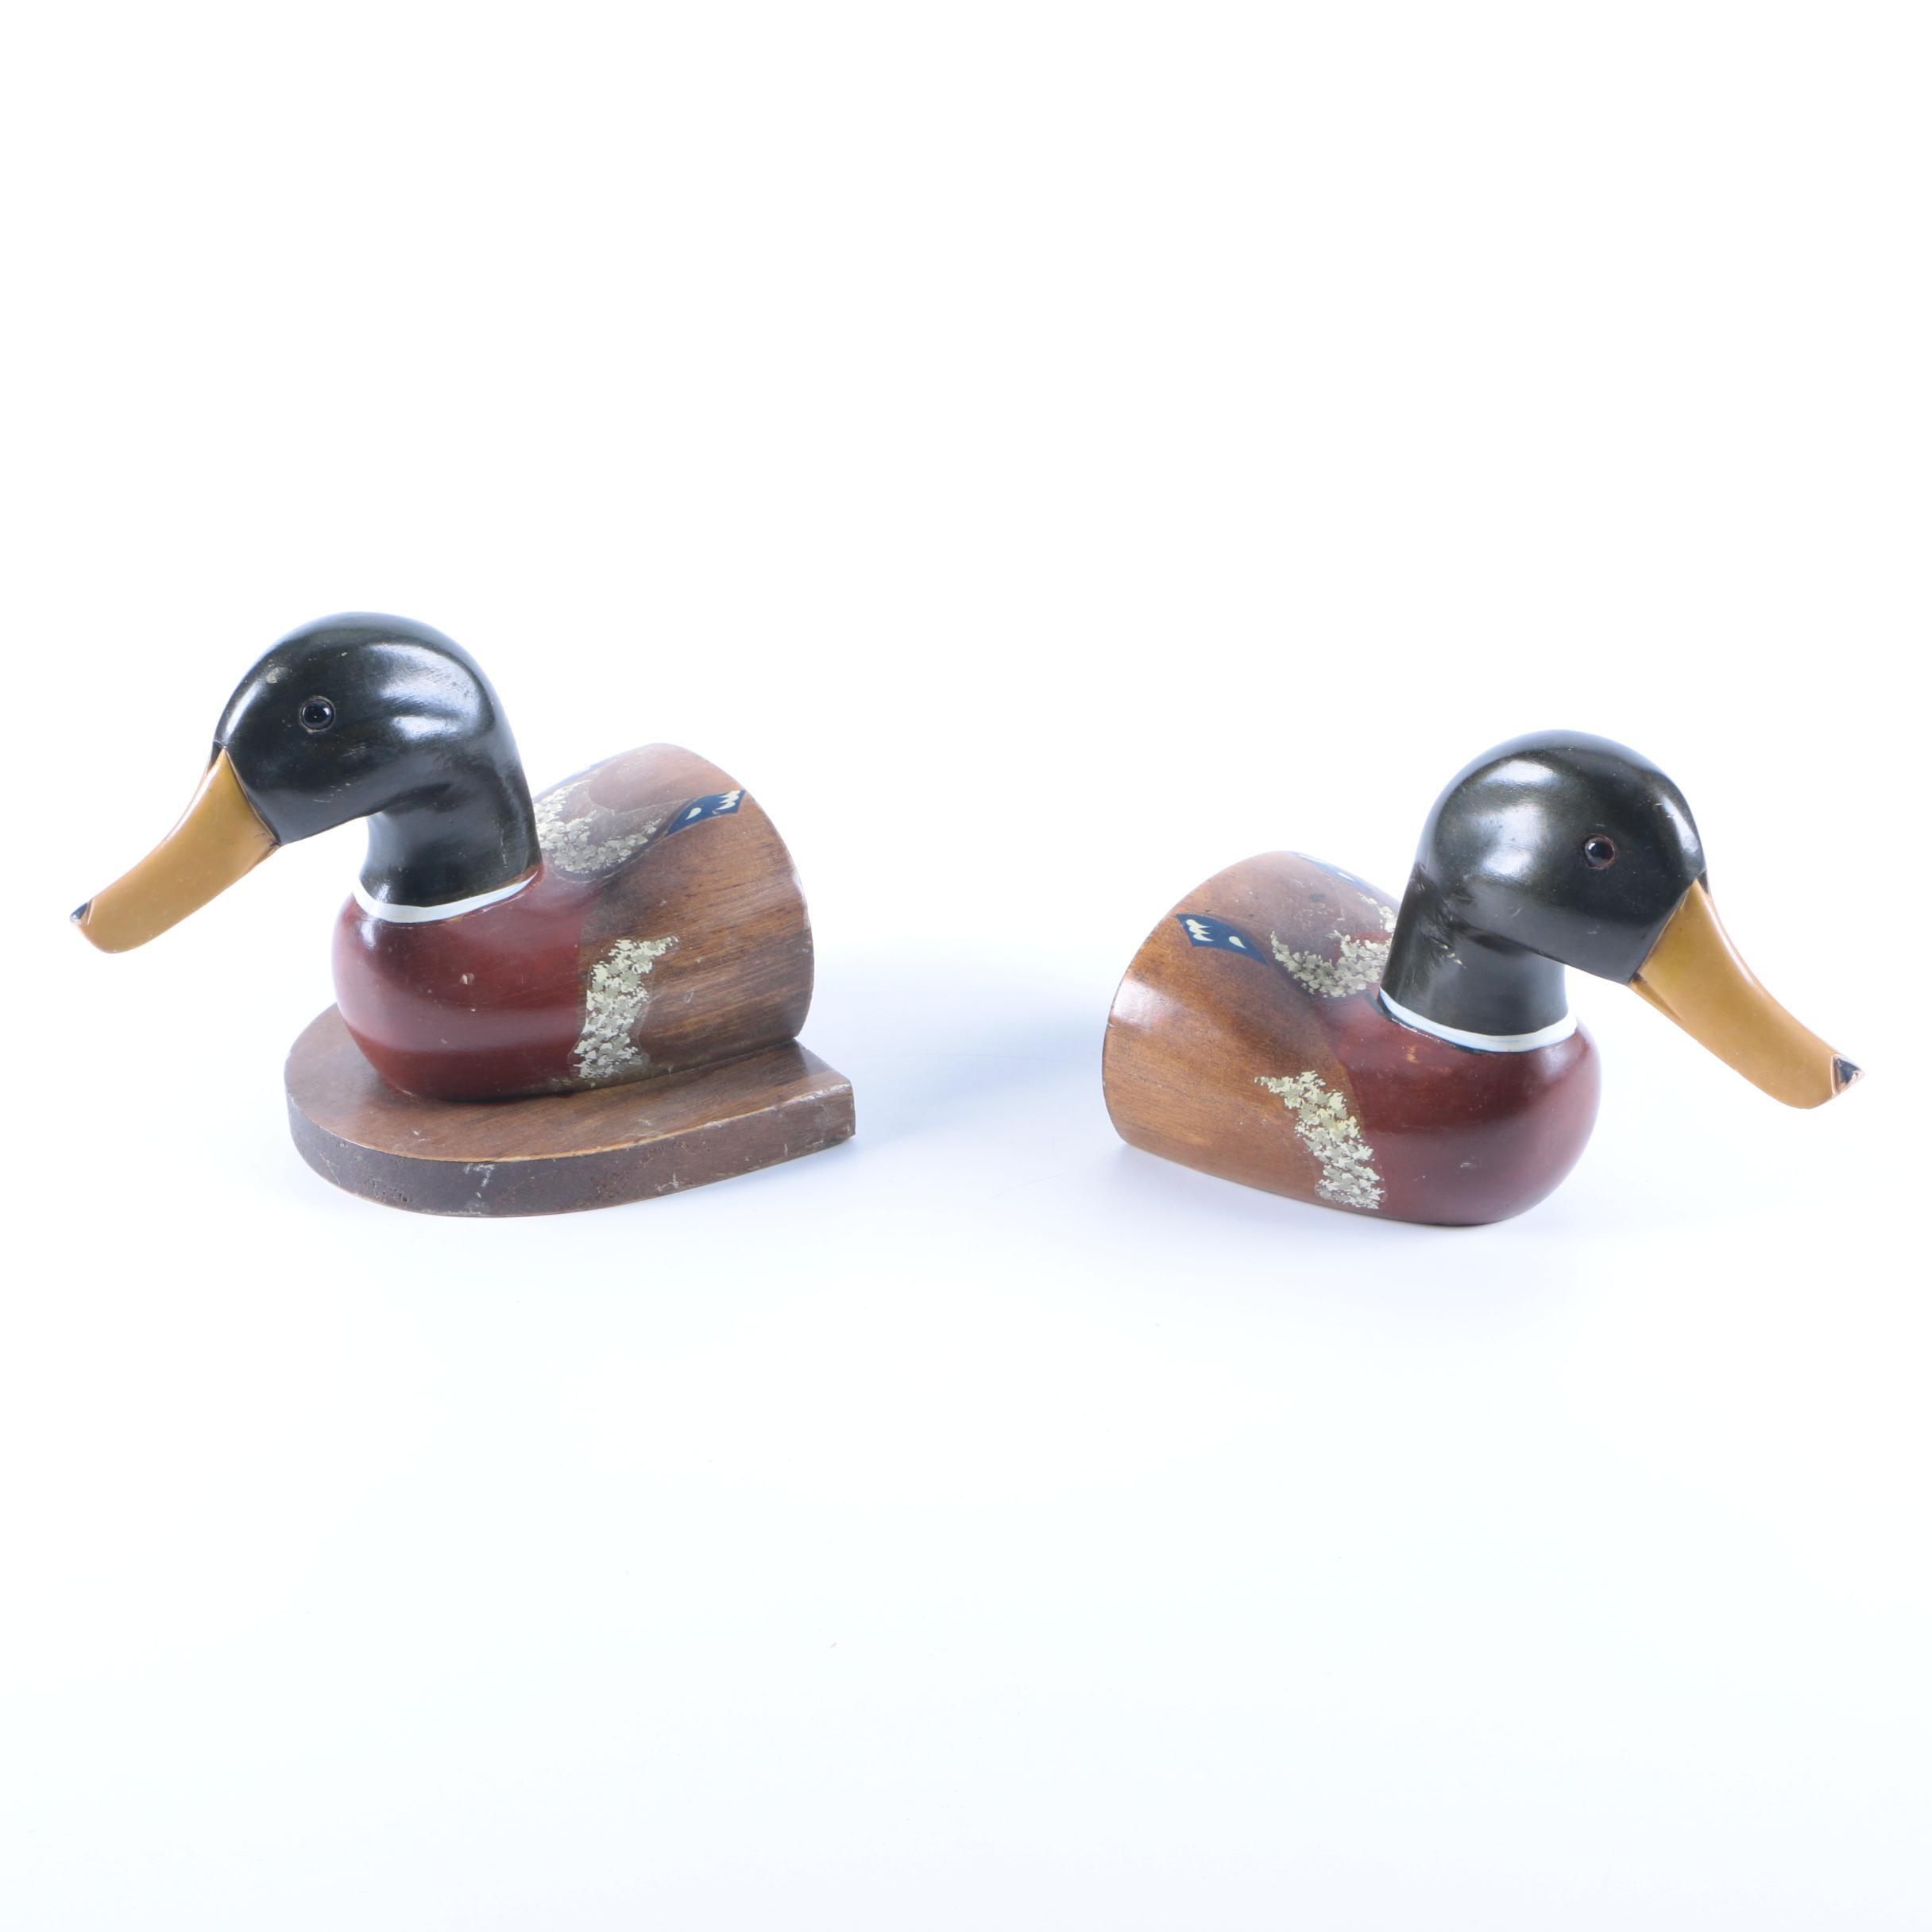 Wooden Mallard Duck Bookends